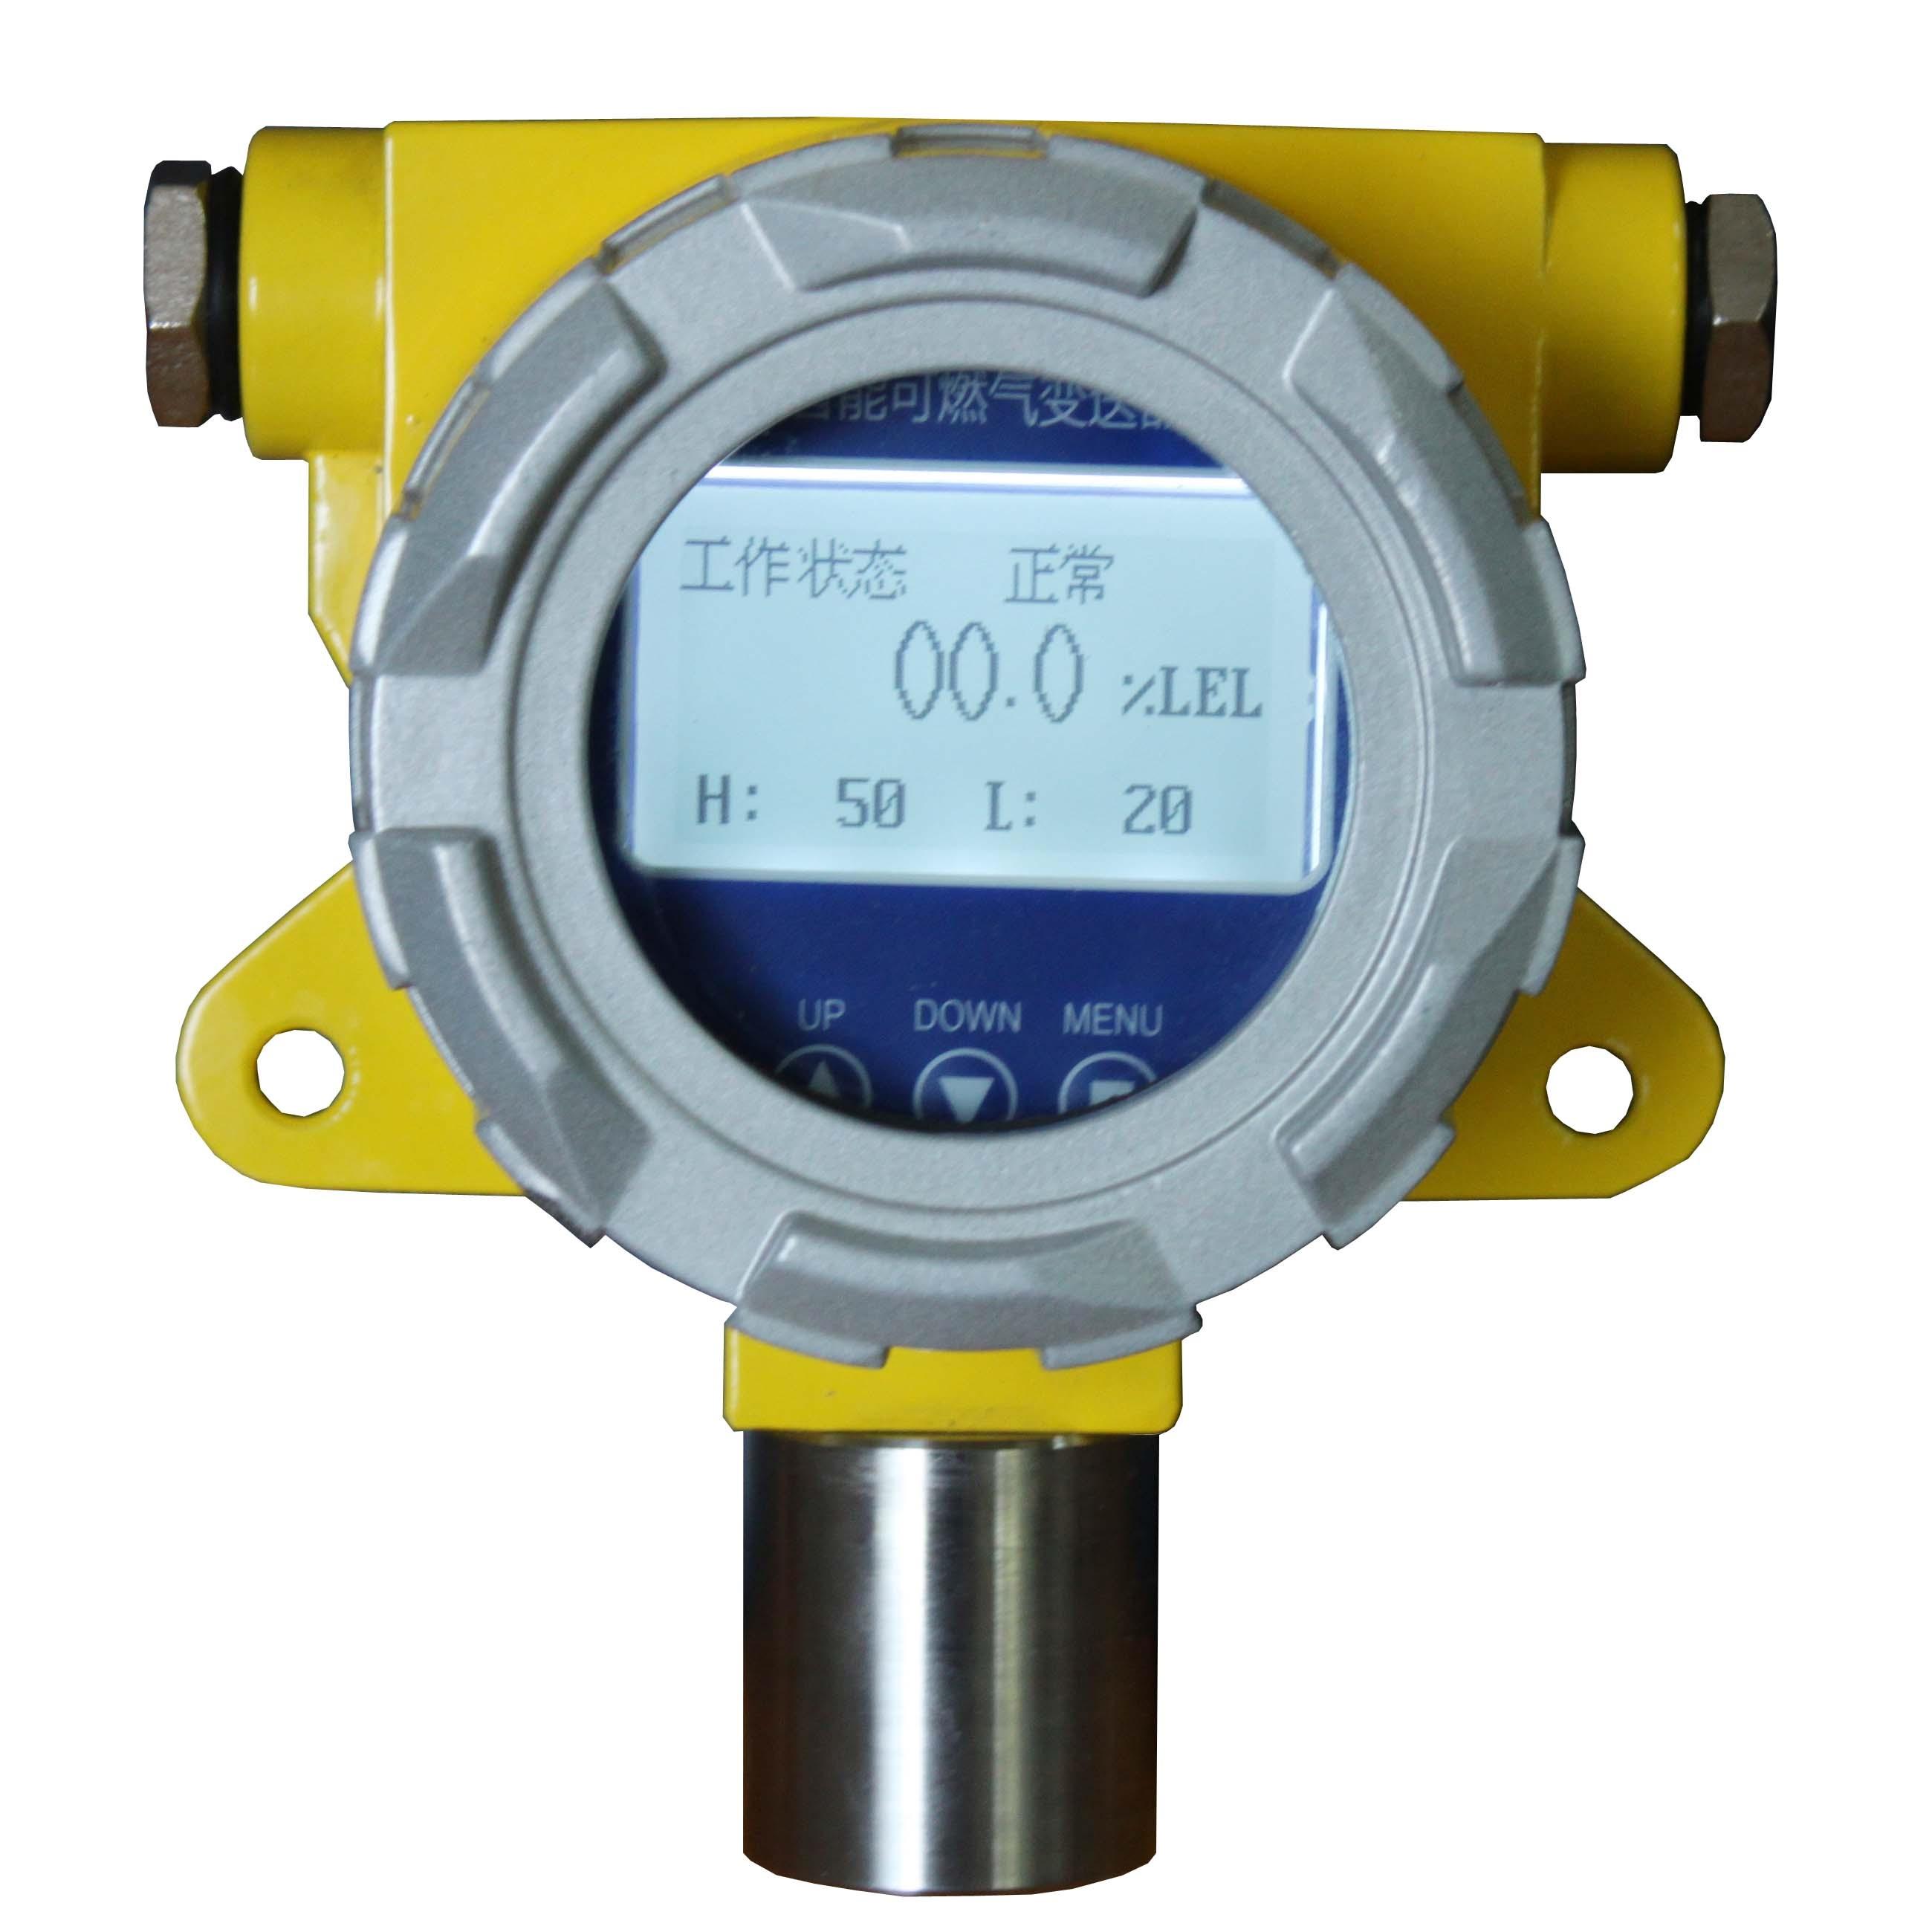 恶臭气体检测仪恶臭臭气浓度值检测恶臭气体测定仪